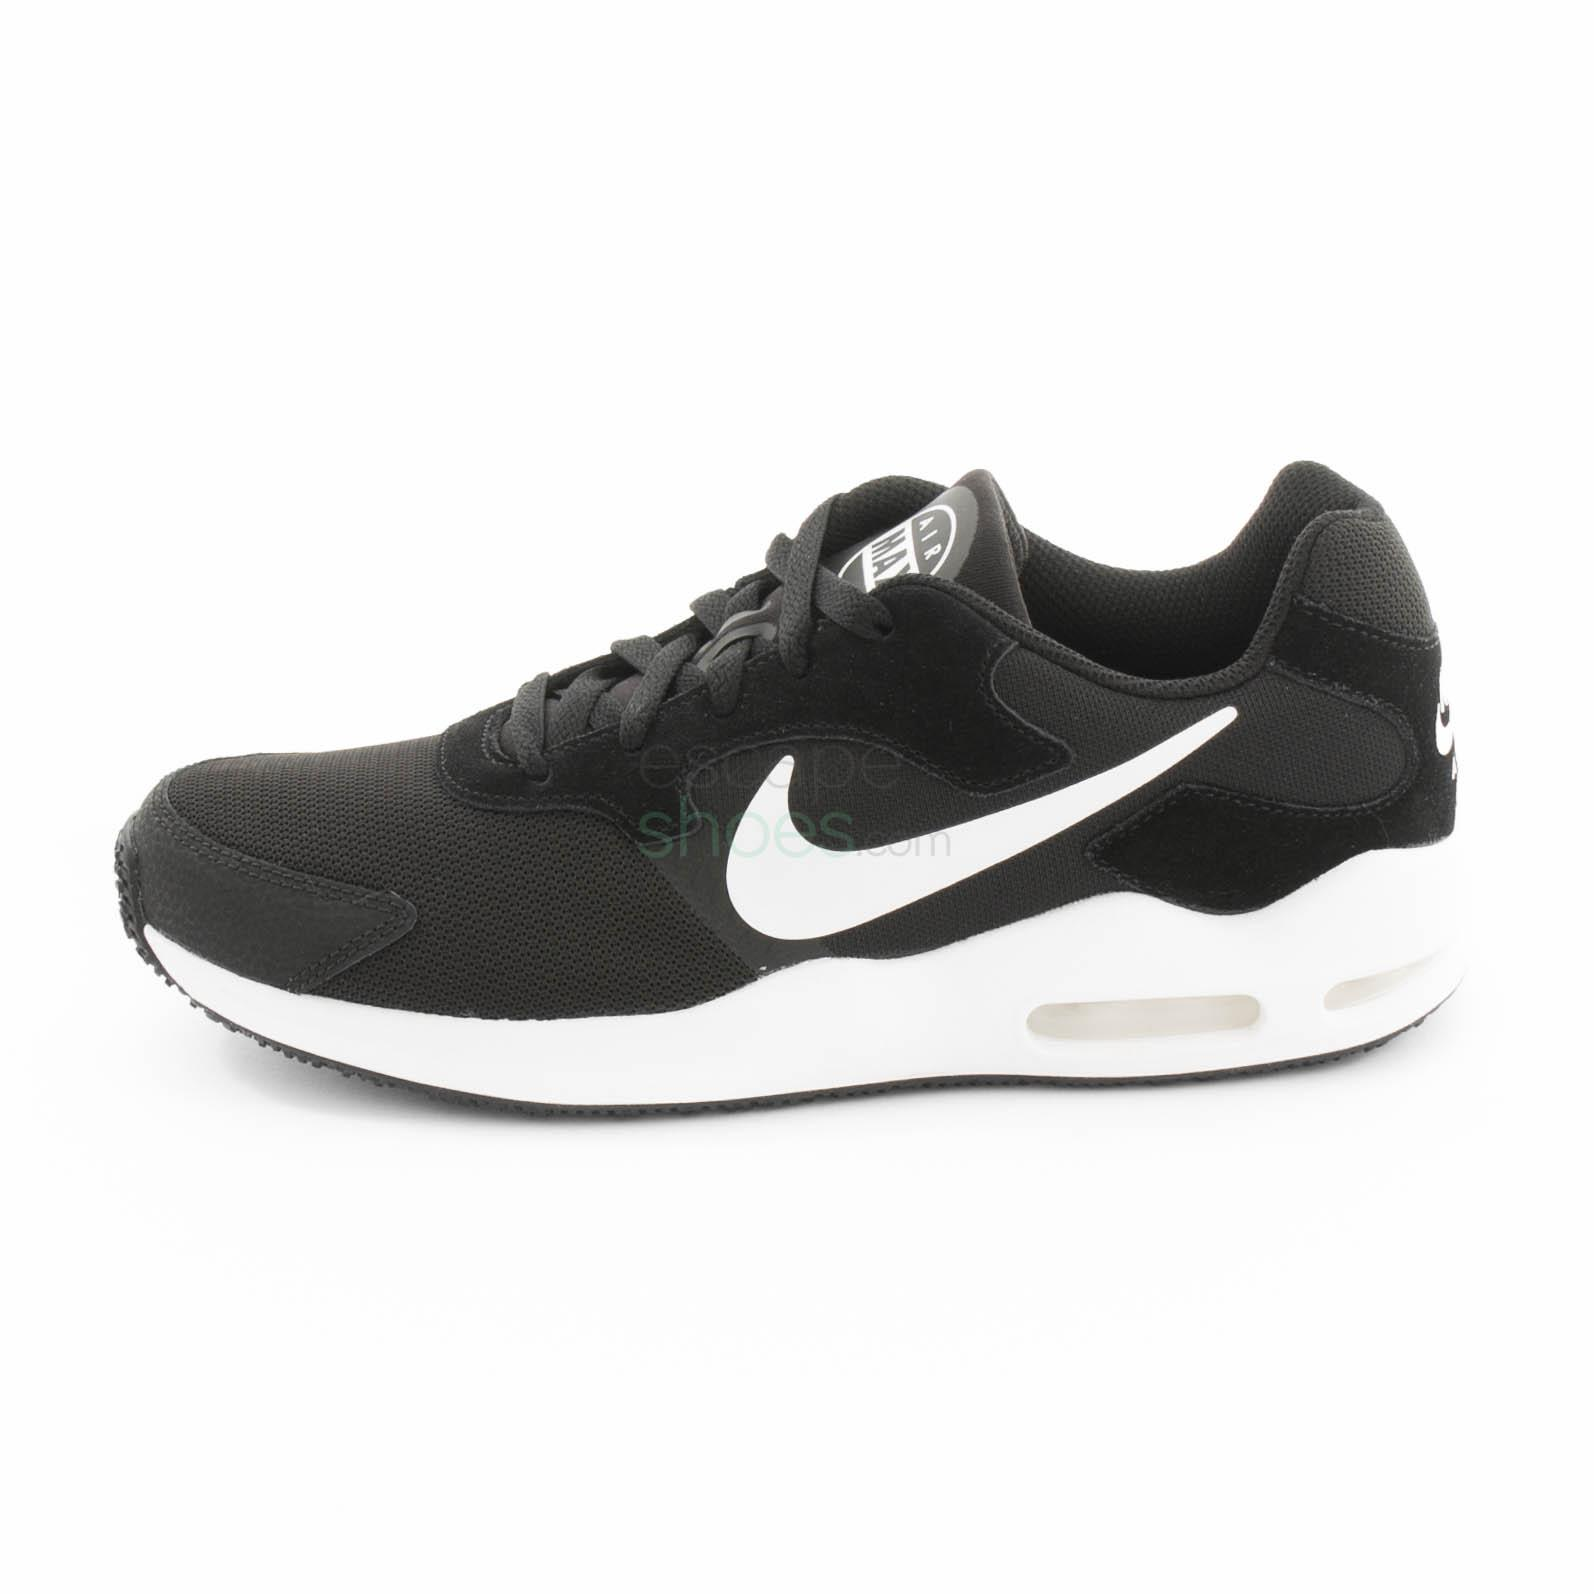 Tênis Nike Air Max Guile 916768 004 PretoBranco